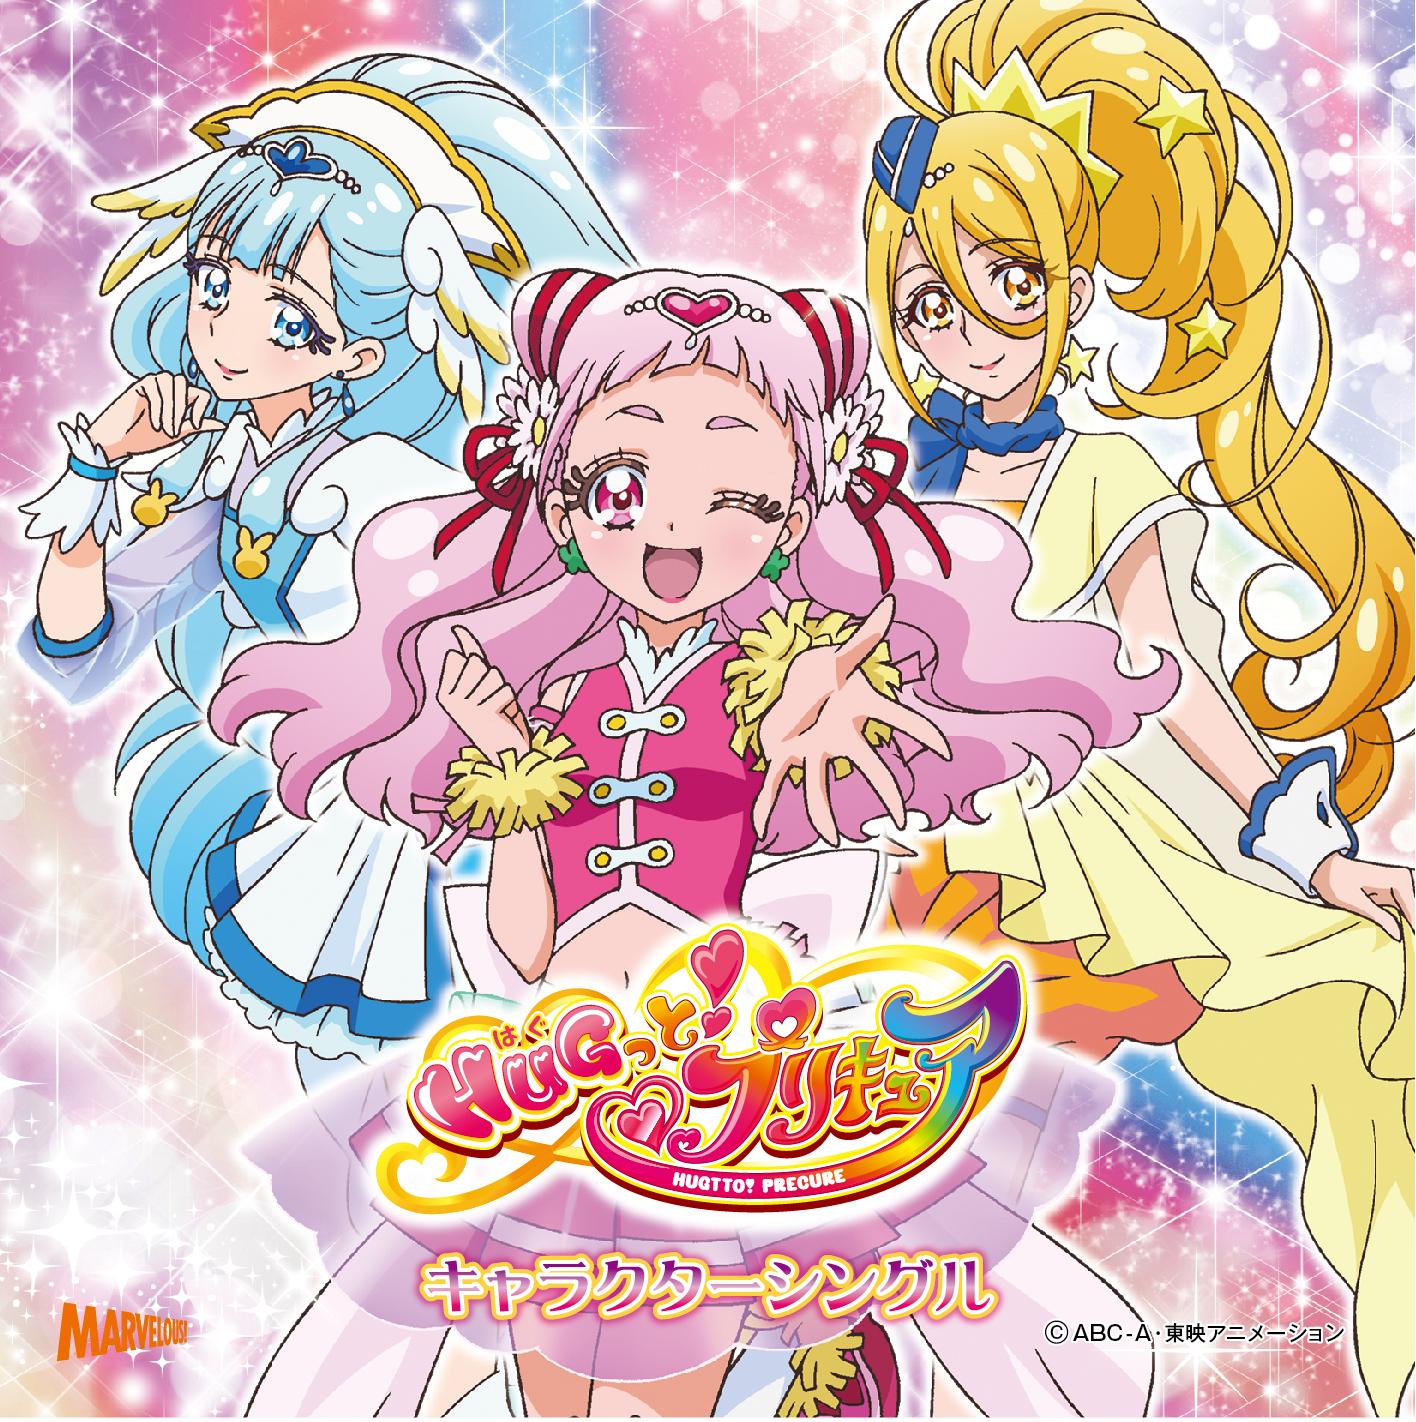 「HUGっと!プリキュア キャラクターシングル」 (C)ABC-A・東映アニメーション